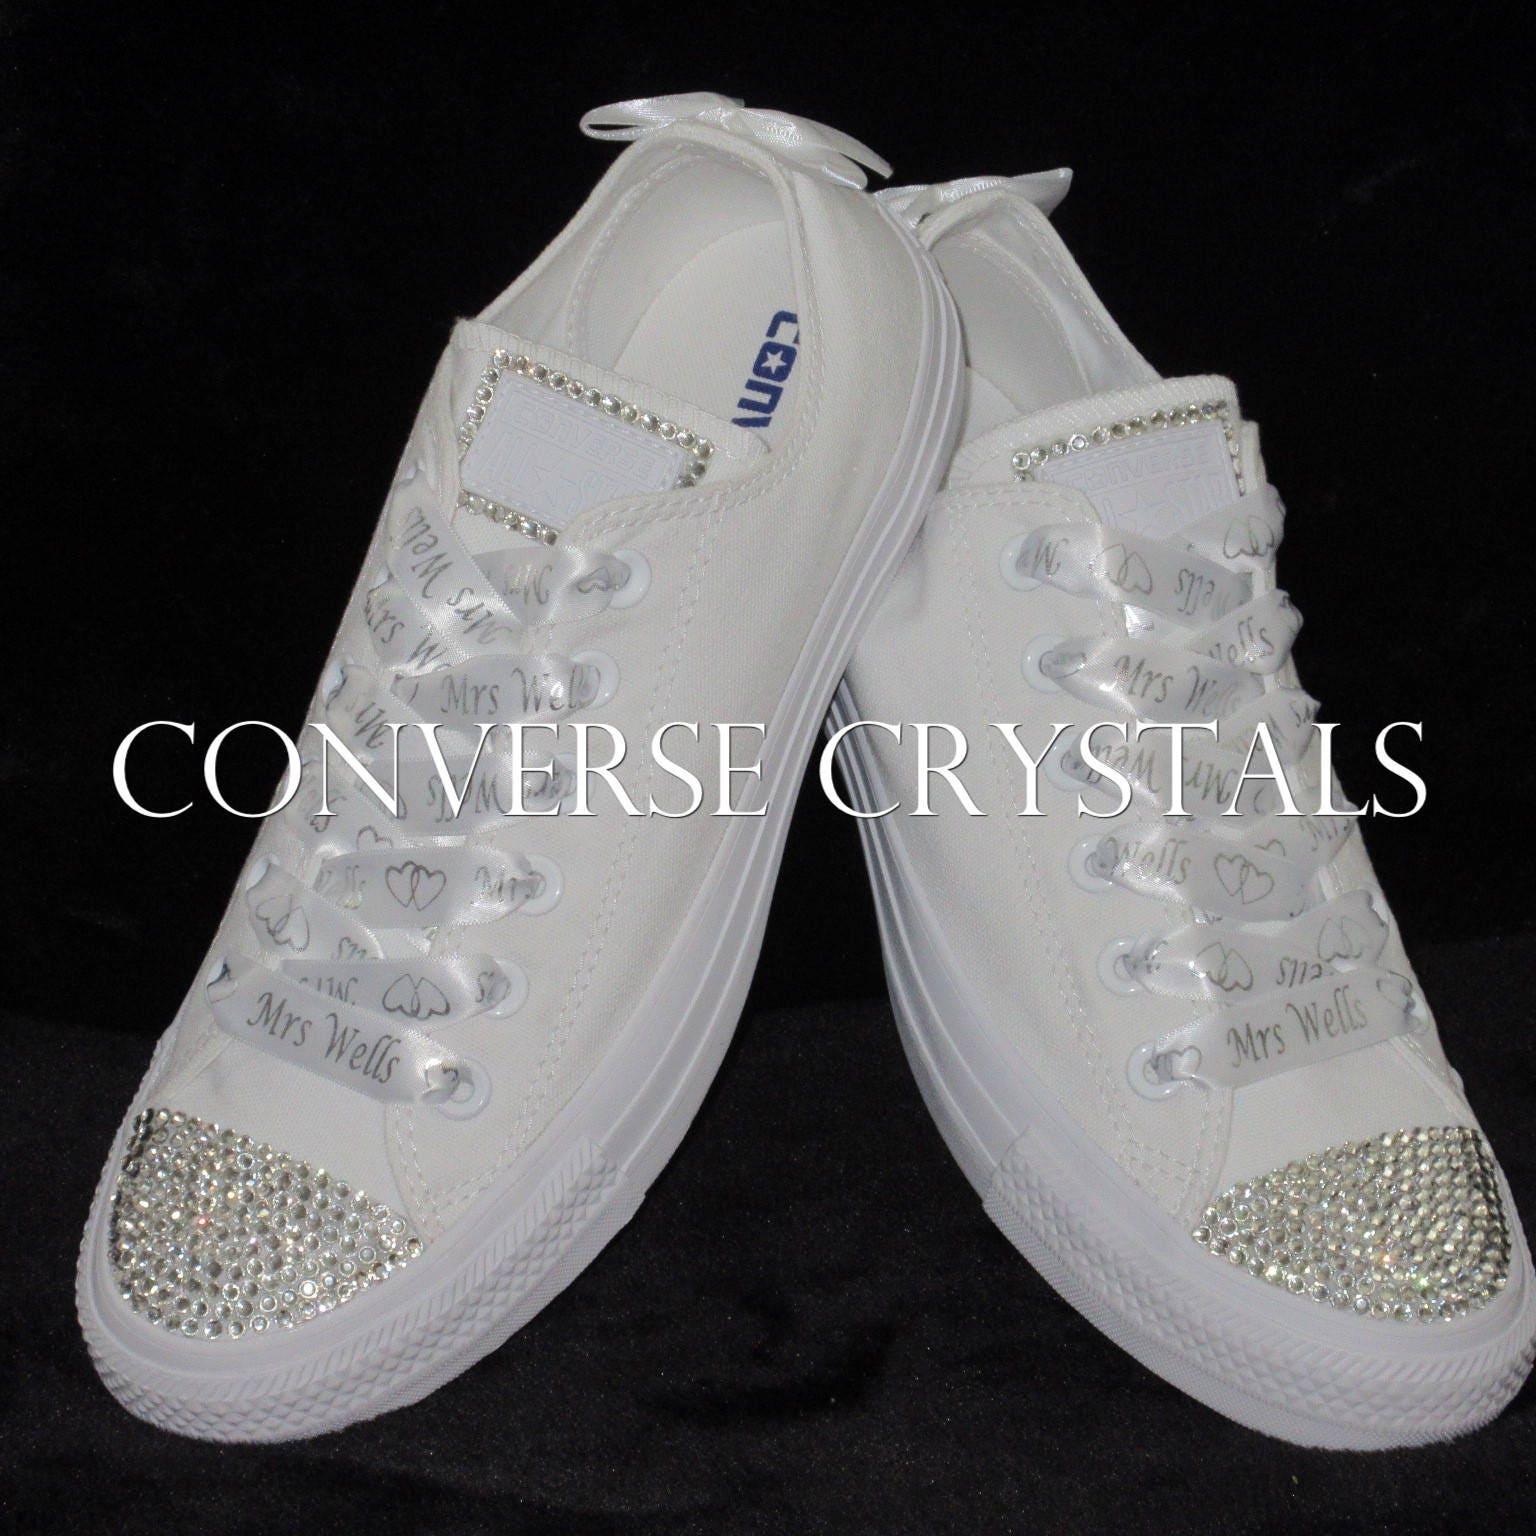 Bridal / Wedding Shoes - ConverseCrystals